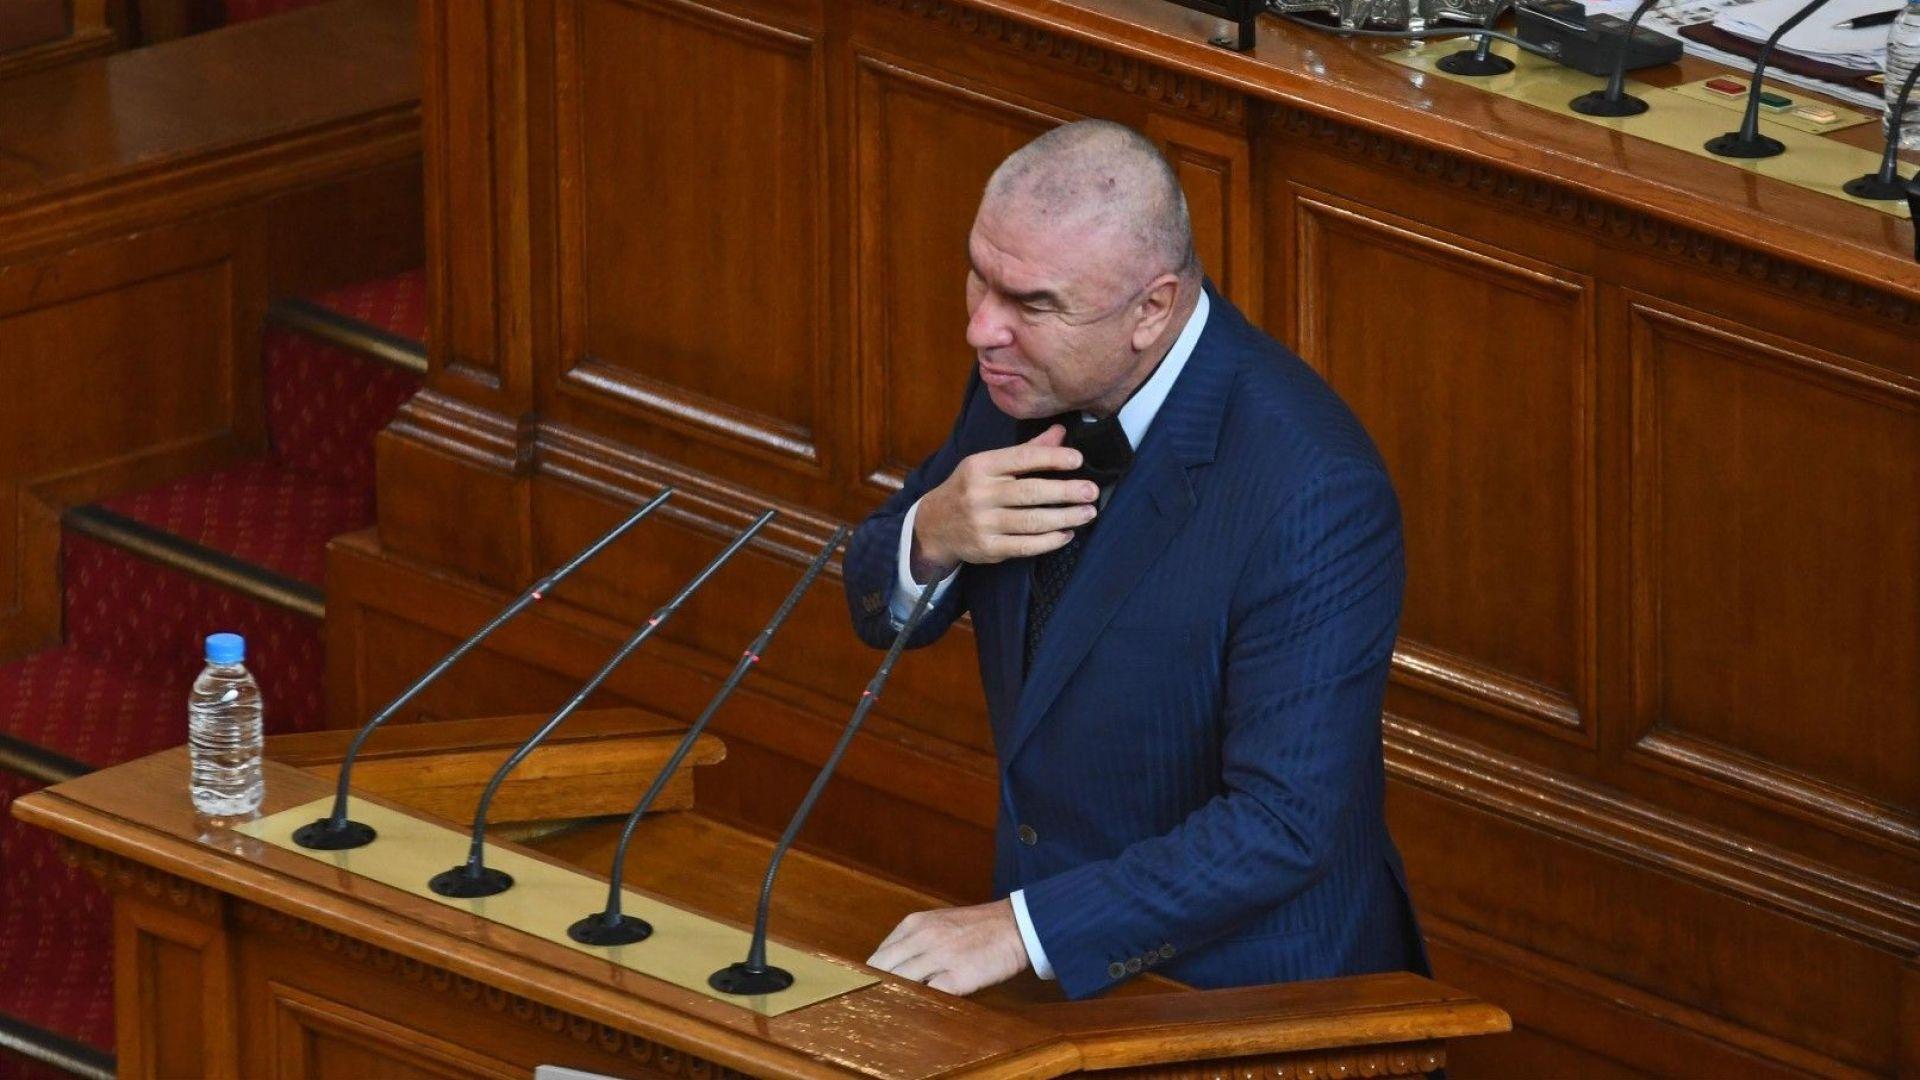 Марешки: Няма да бягам, ще се защитавам в България, а на президента мога да му подаря плажа